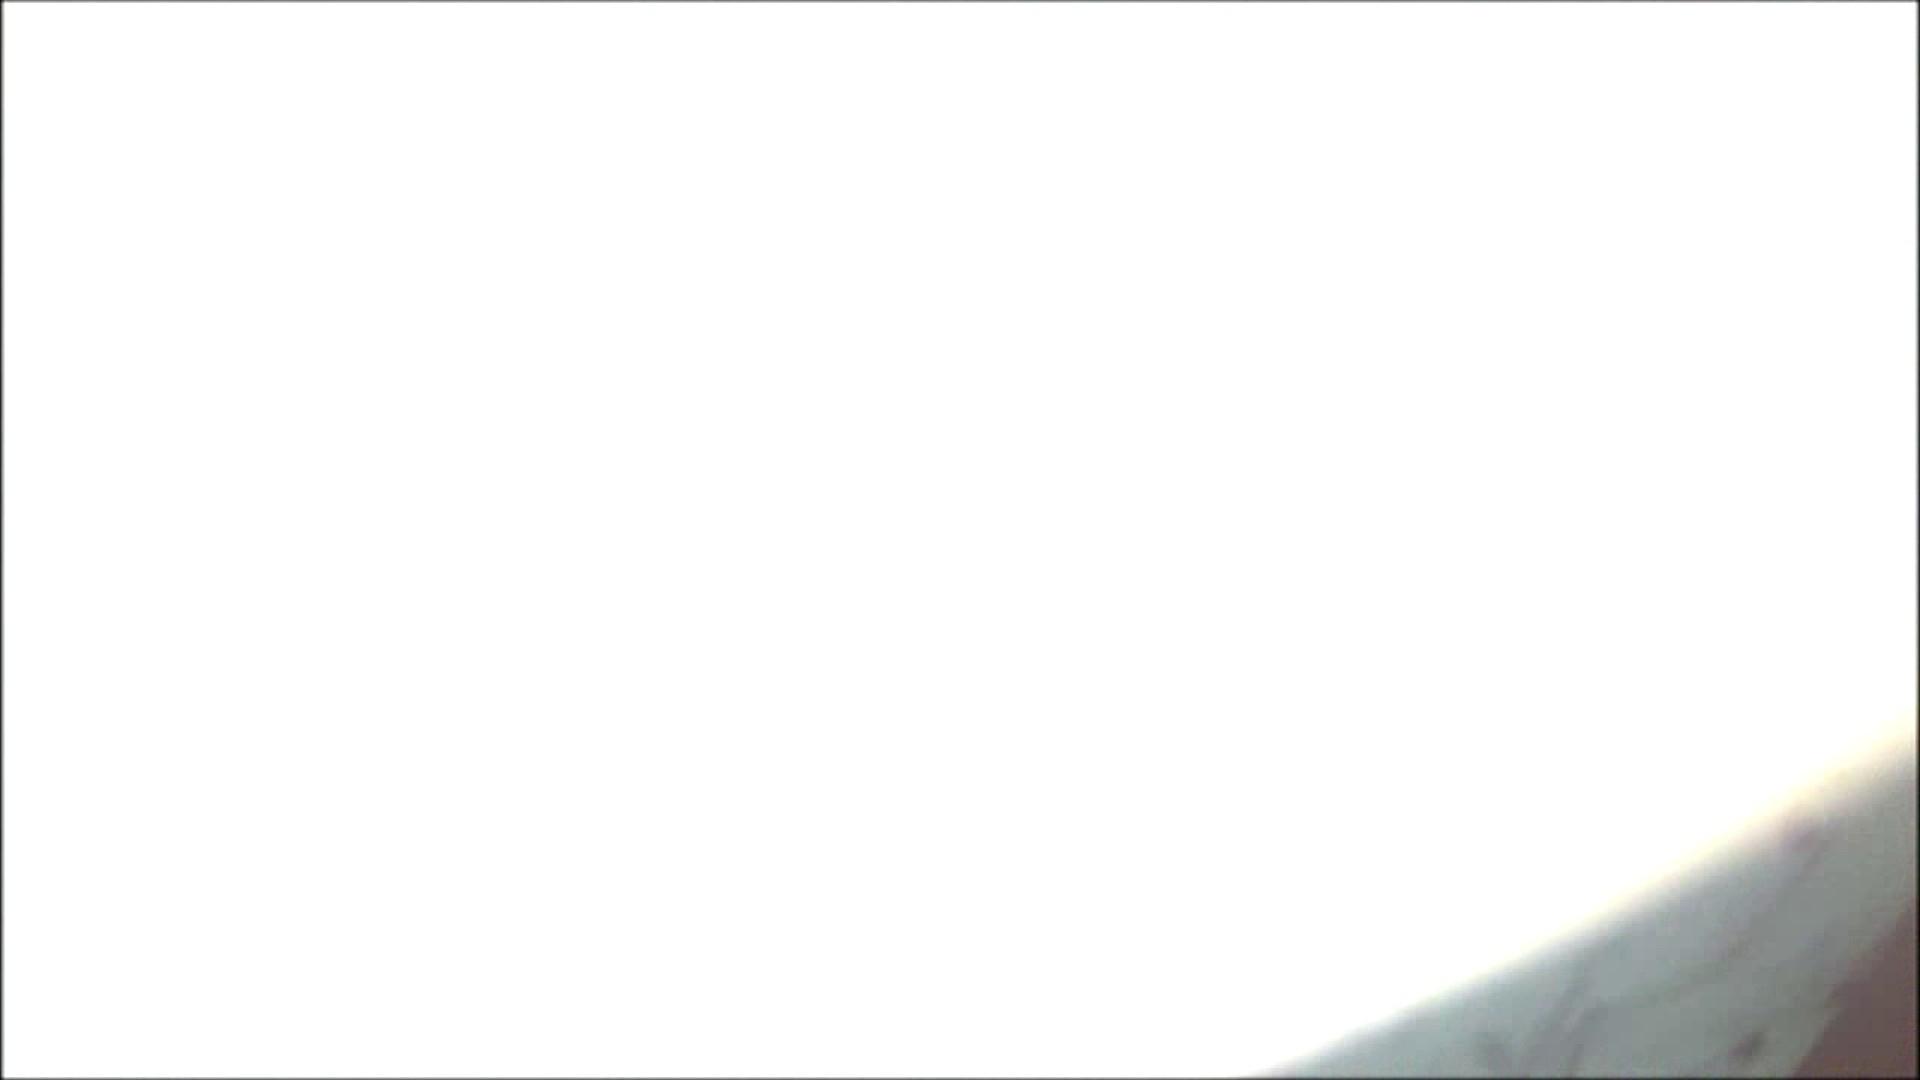 魔術師の お・も・て・な・し vol.03 やわらかおっぱいさん おっぱい すけべAV動画紹介 78pic 35